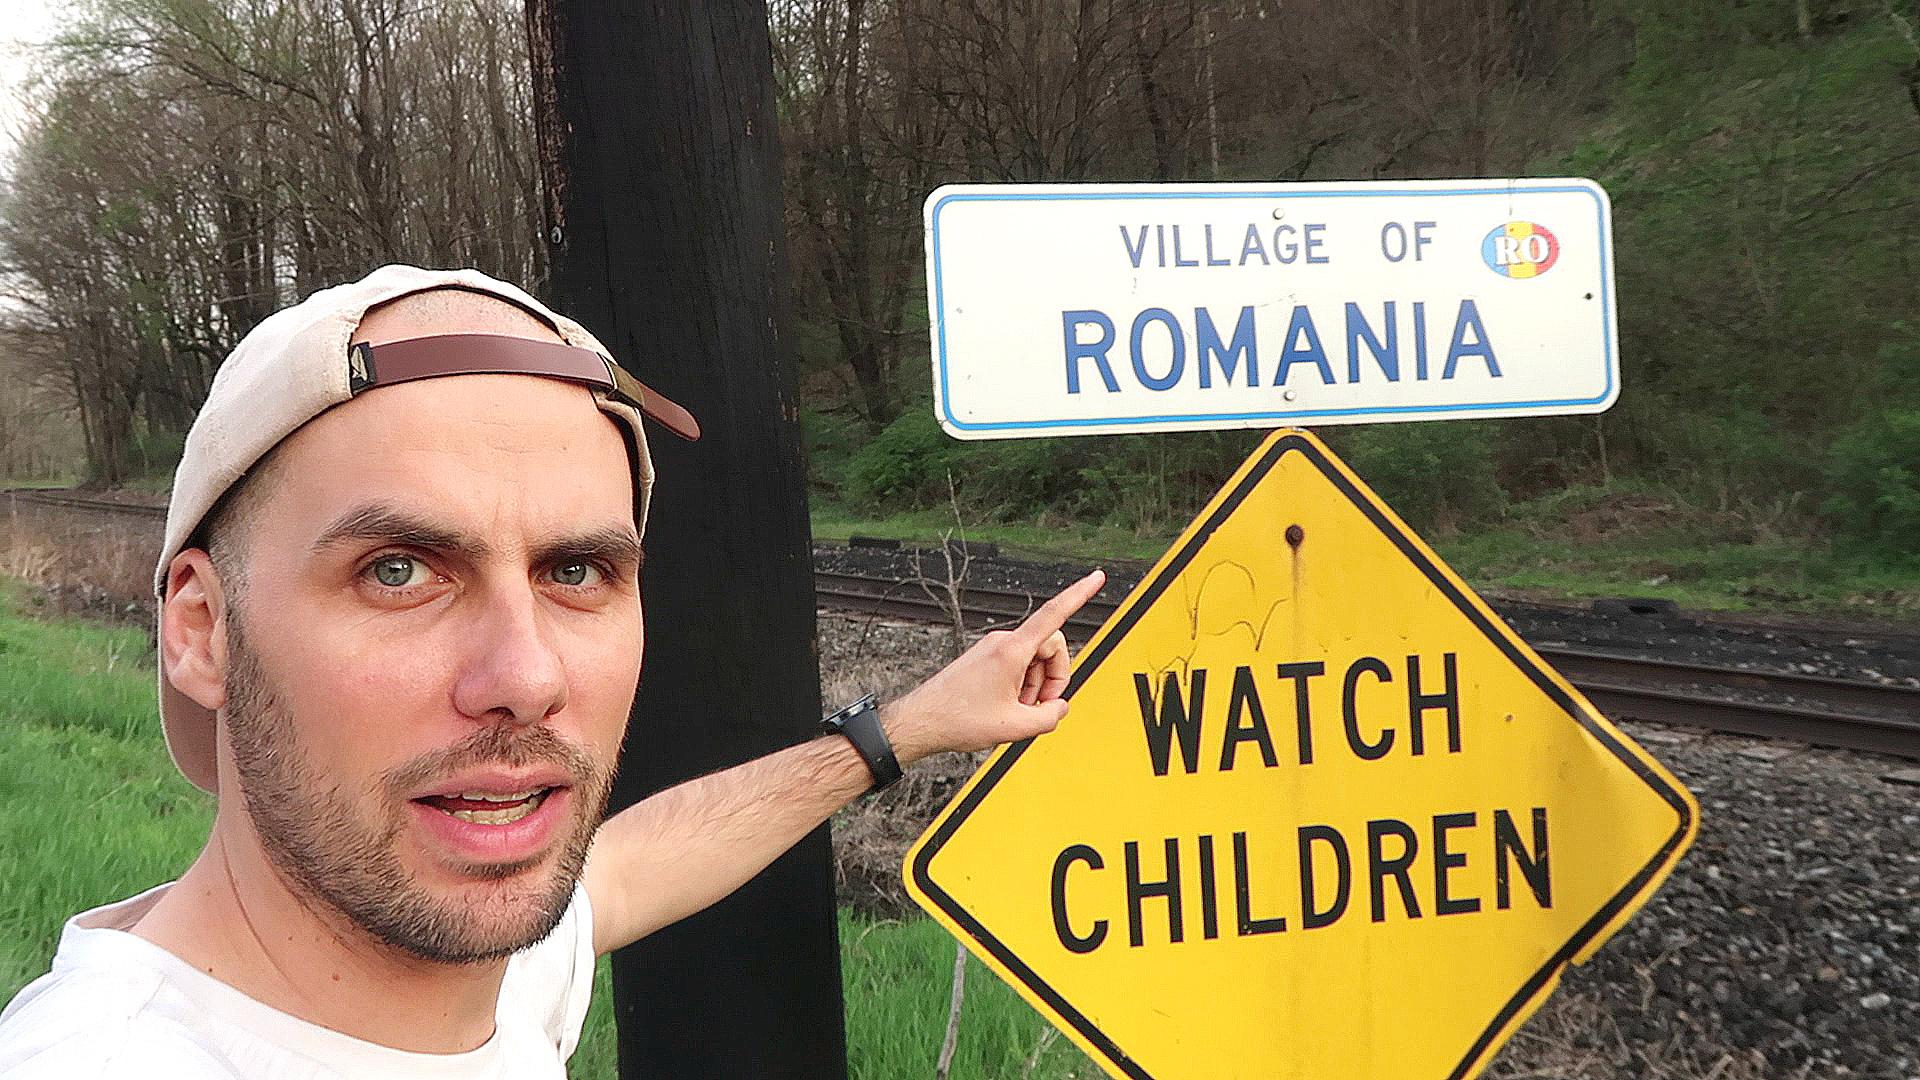 Deliric @ Romania, USA (P)